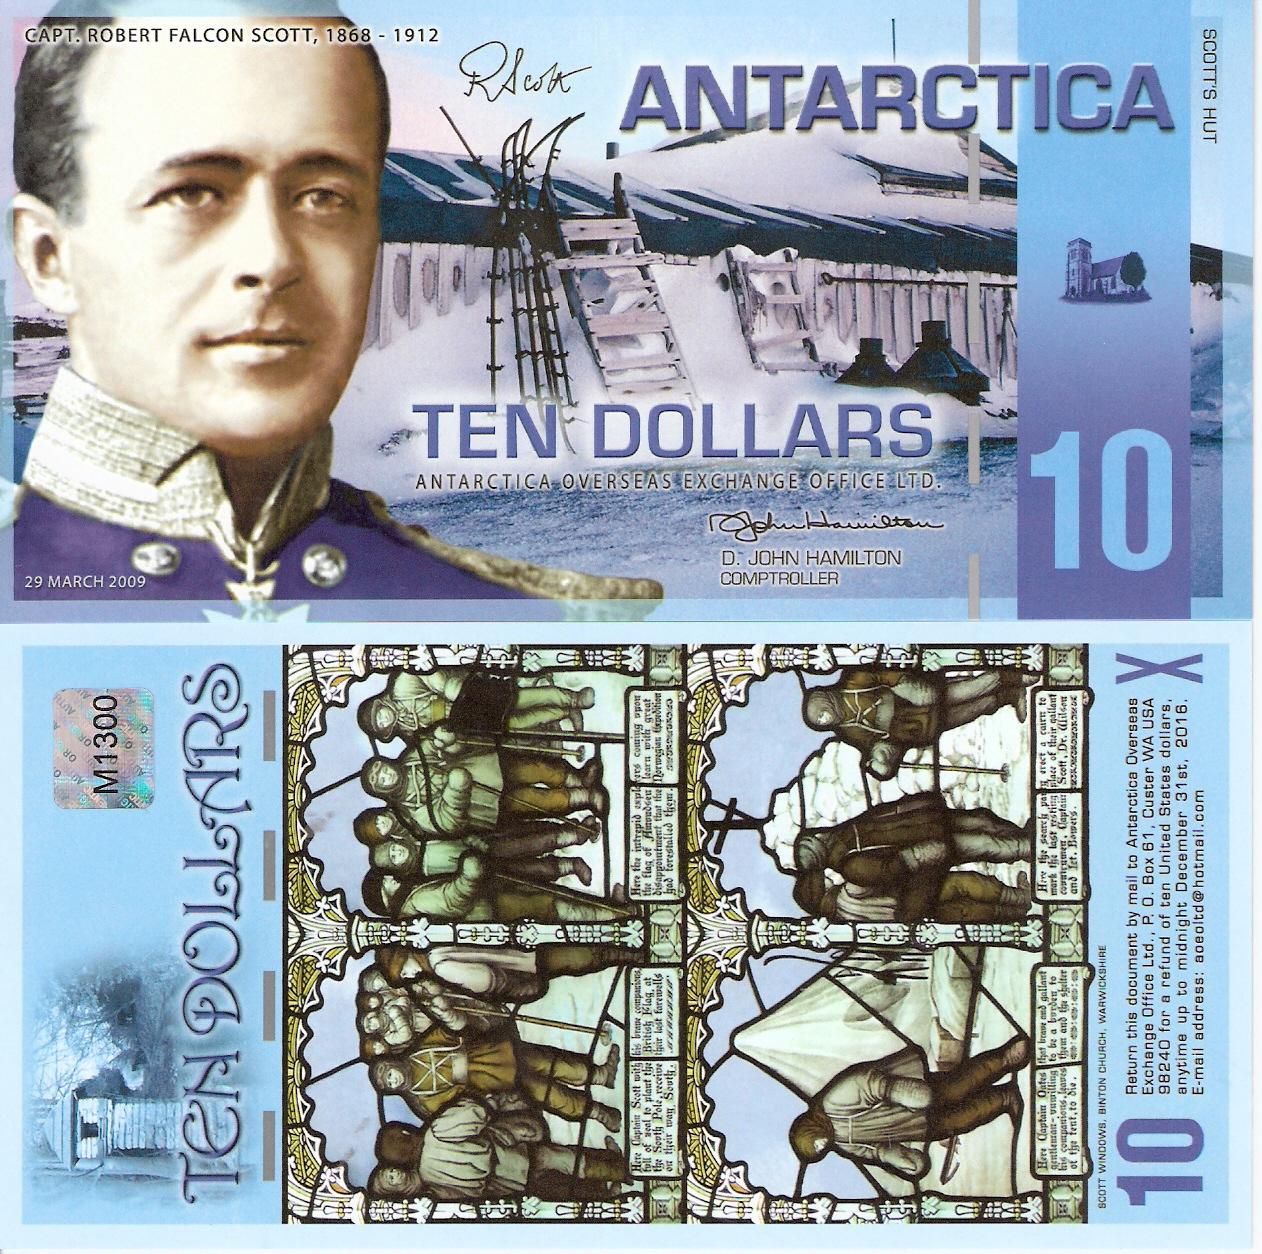 ANTARCTICA 10 DOLLARS 2001 SPECIMEN UNC